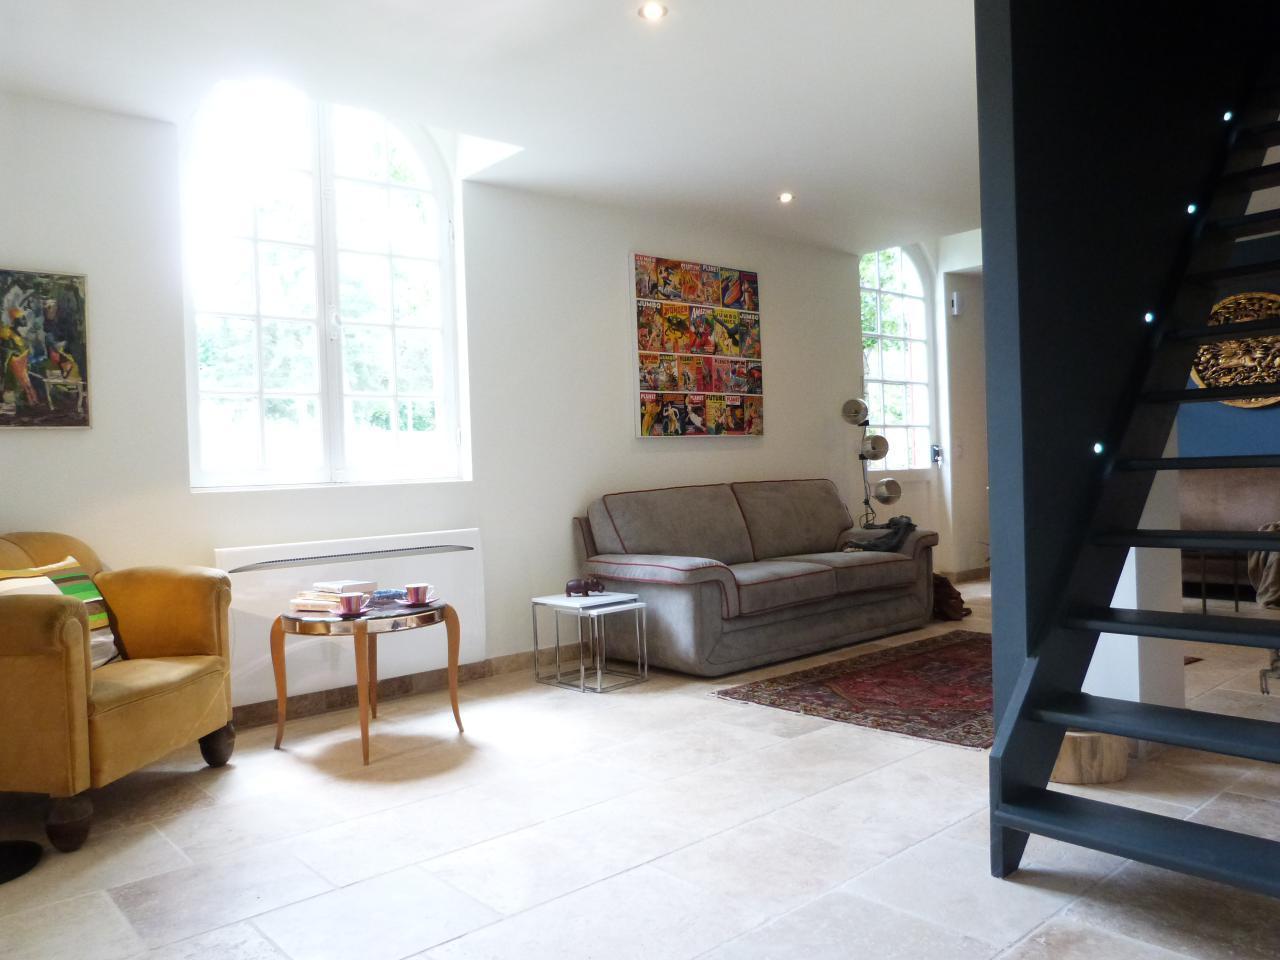 Maison de vacances Exklusives Landhaus mit Top-Küche, beheizter Pool, Naturgarten, unweit von St. Emilion, Bo (1040506), Martillac, Gironde, Aquitaine, France, image 4